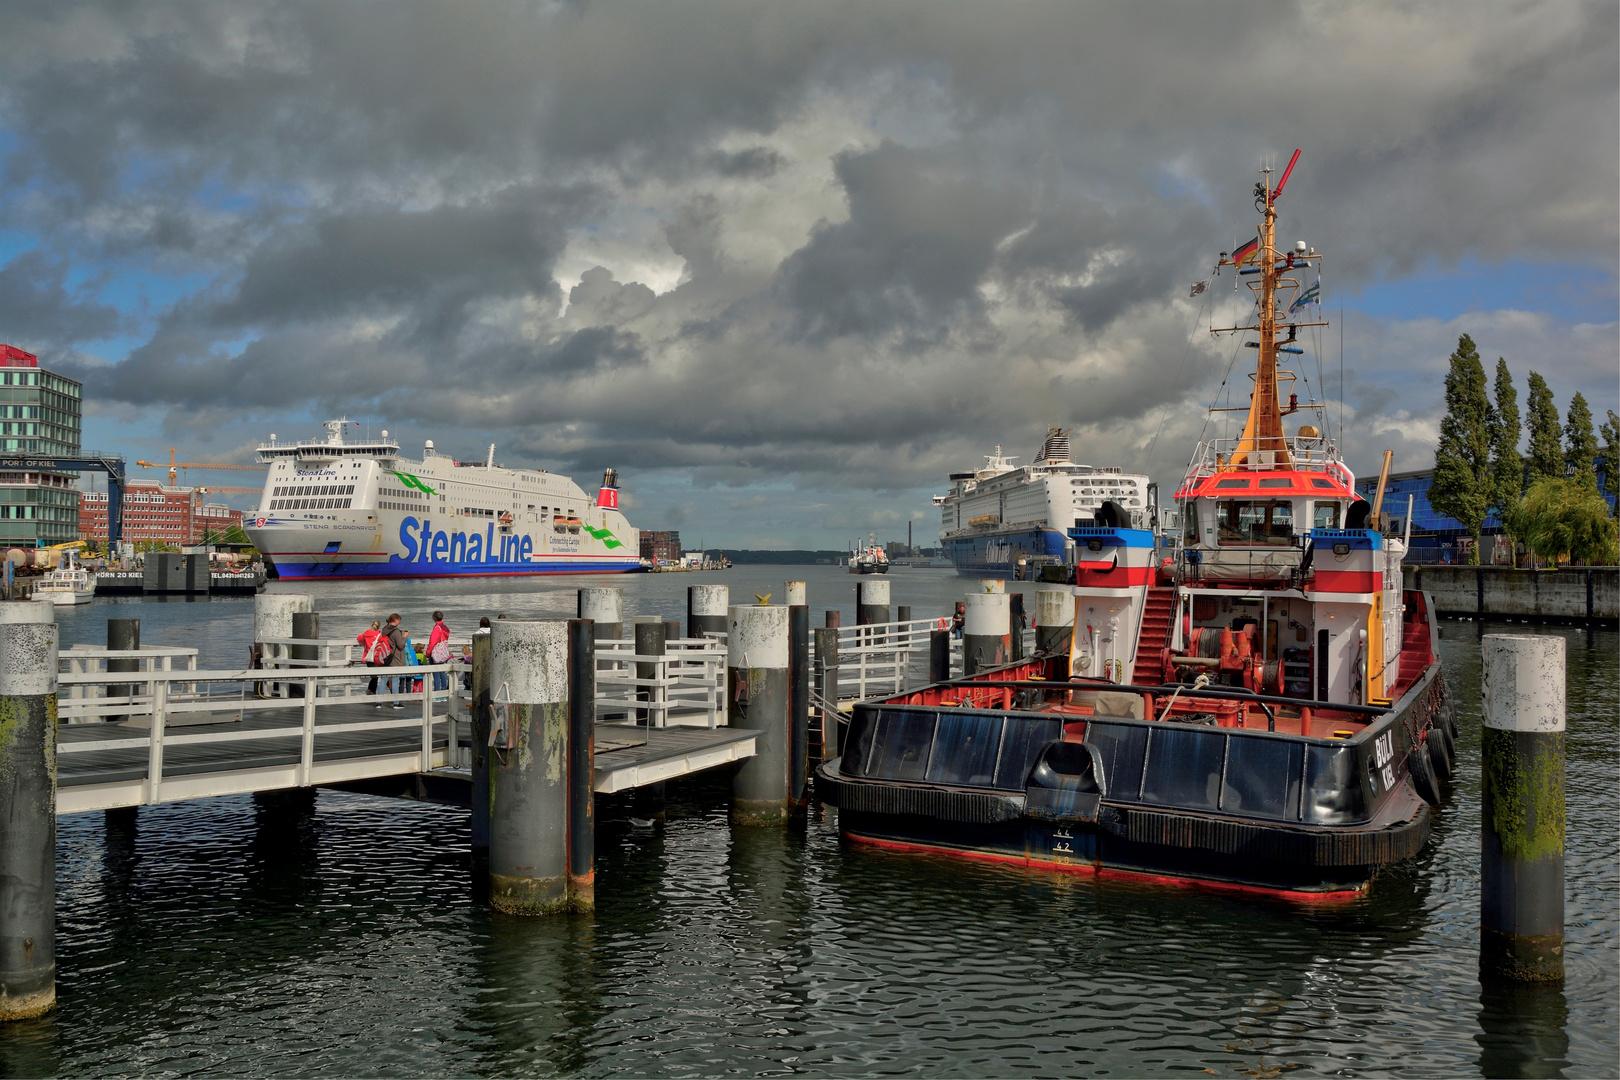 Kieler Hafen #1 Foto & Bild | schiffe und seewege, fähren